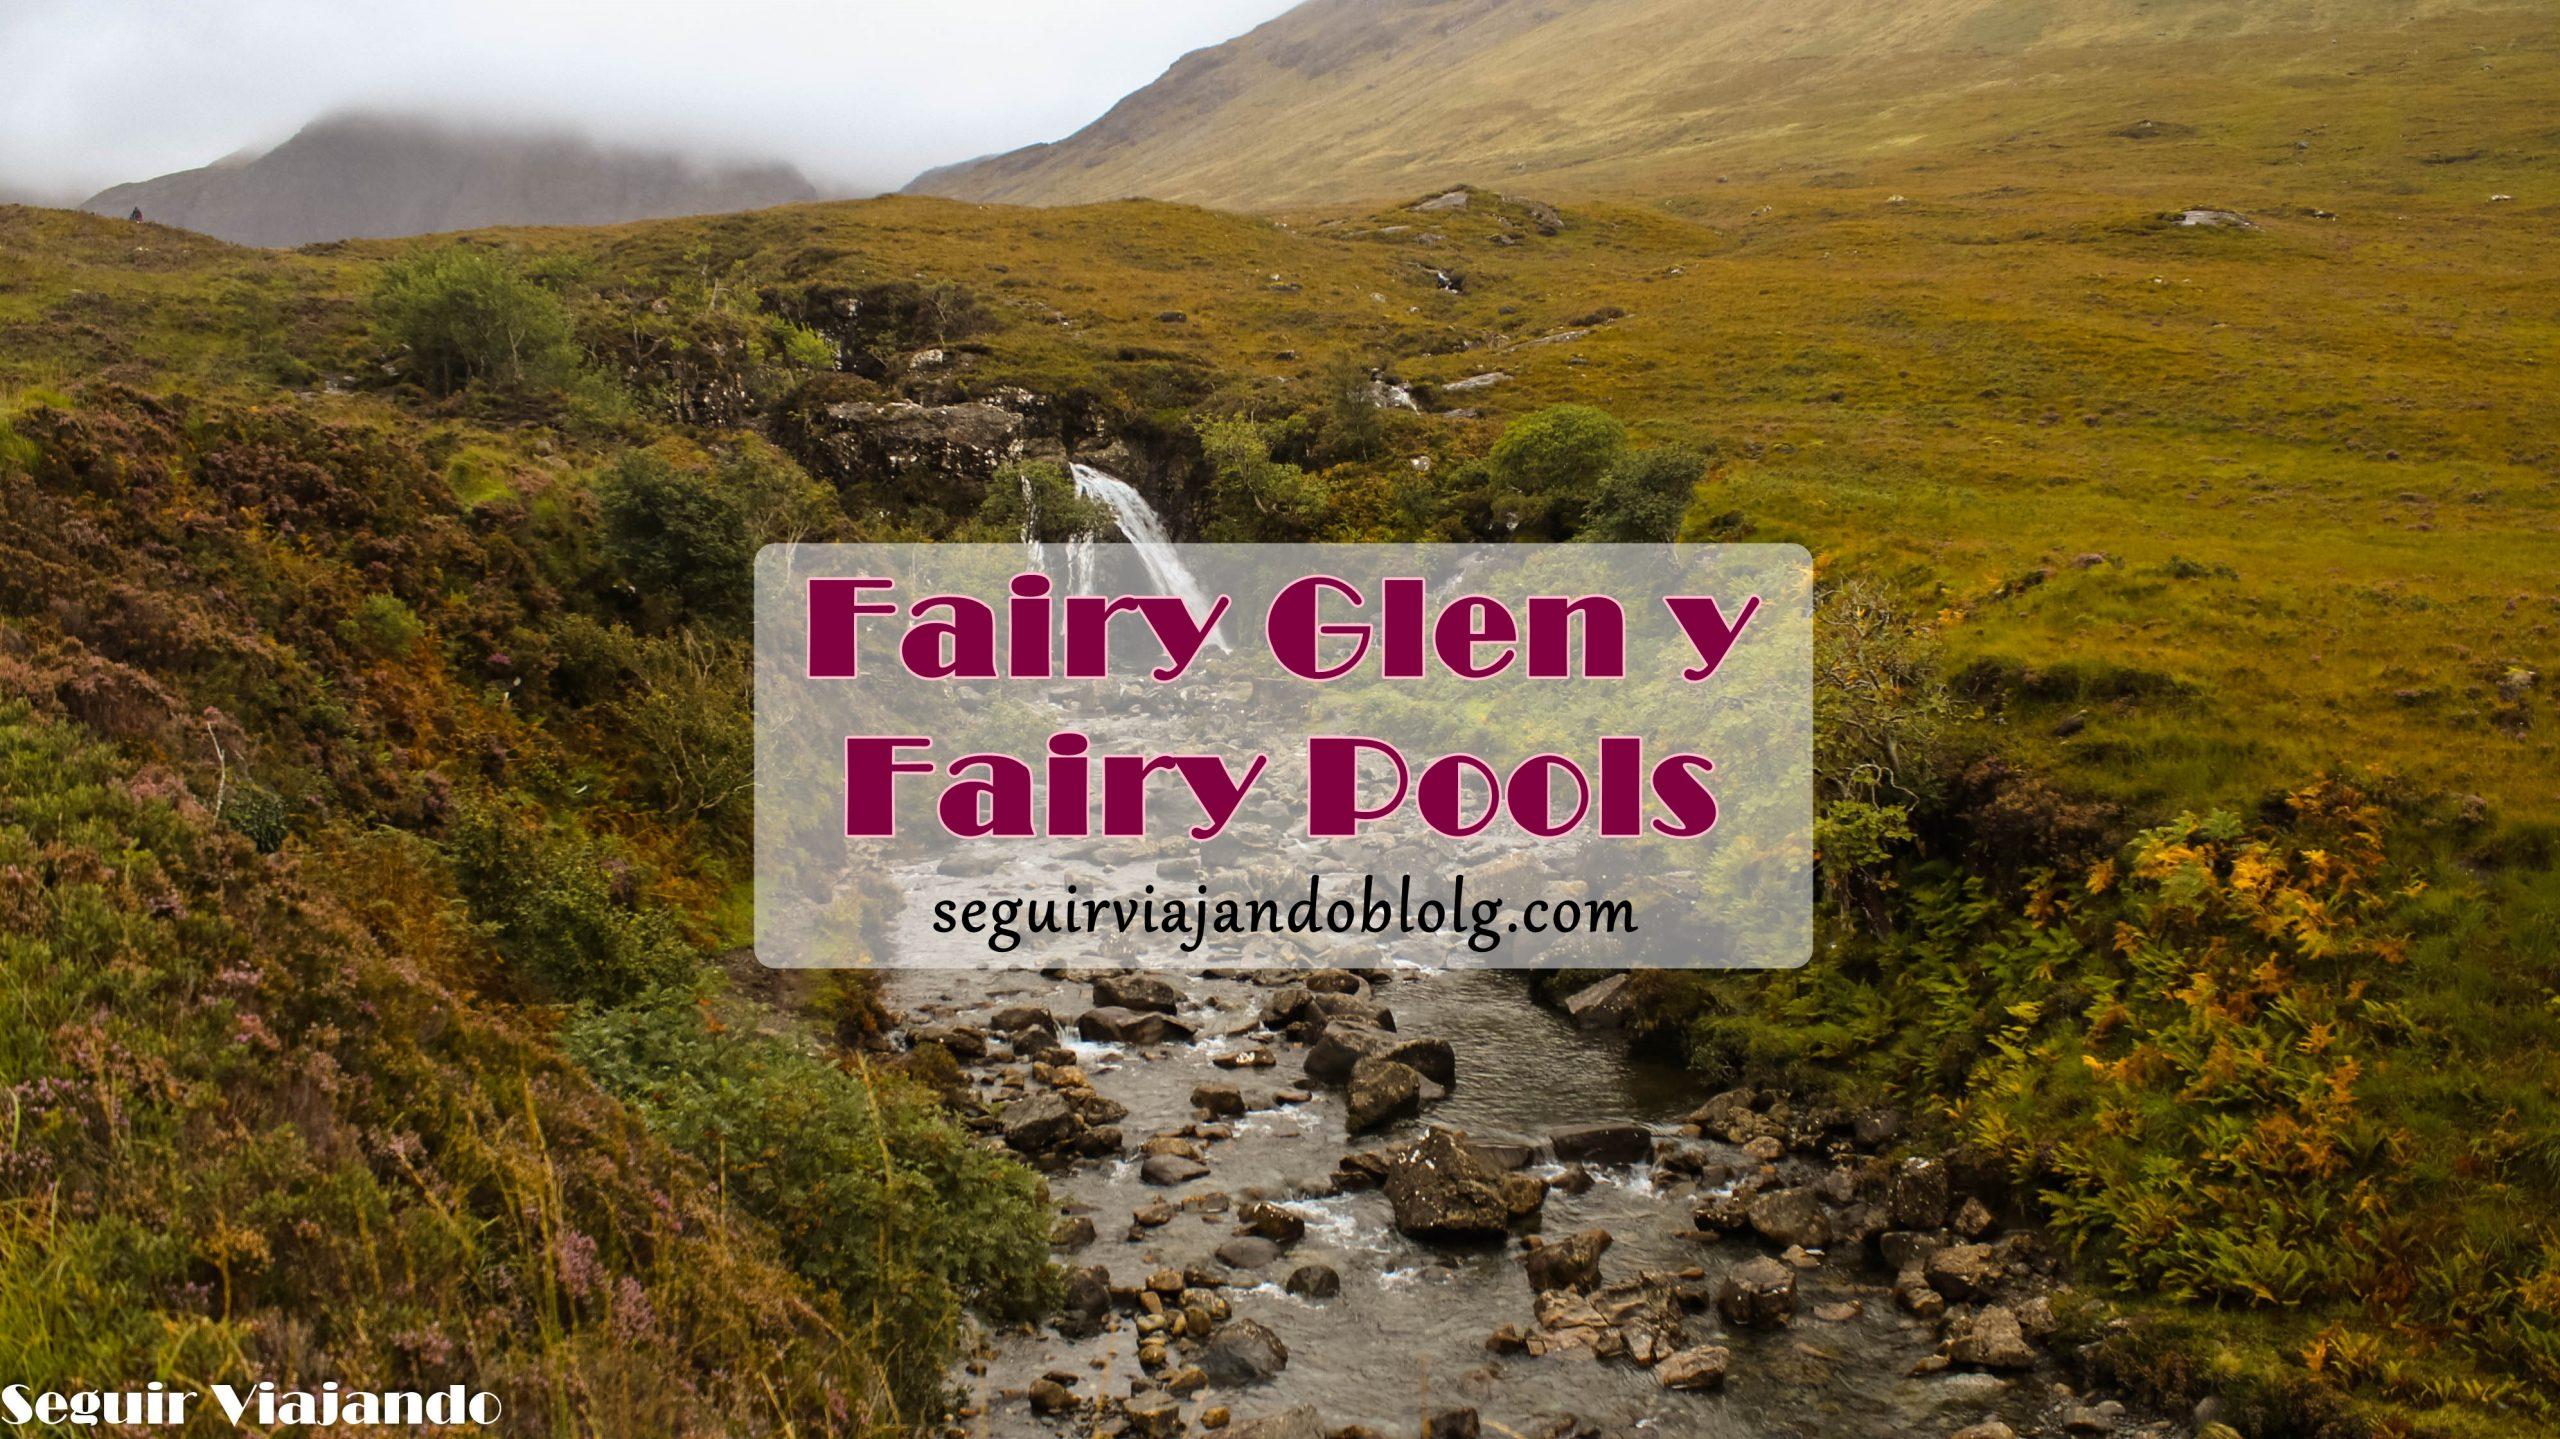 Visitar Fairy Pools y Fairy Glen - Seguir Viajando